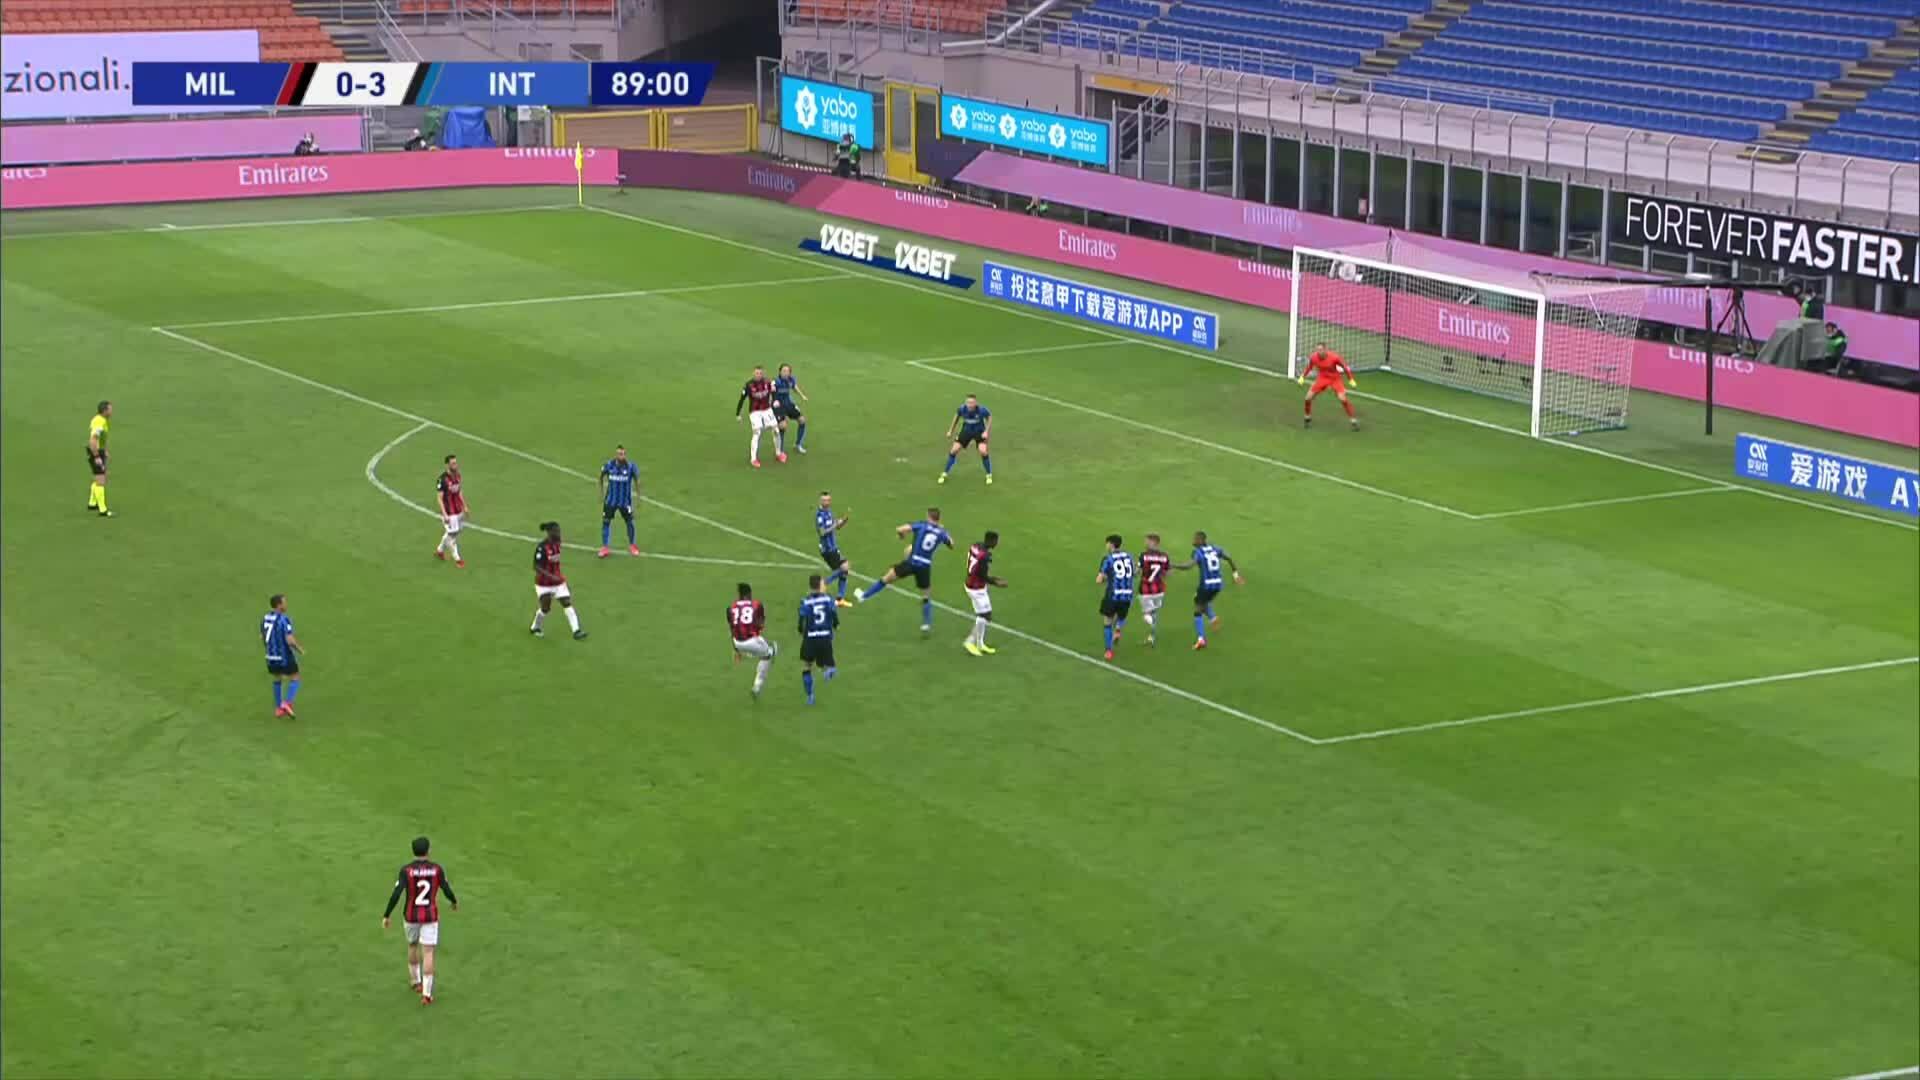 Milan 0-3 Inter